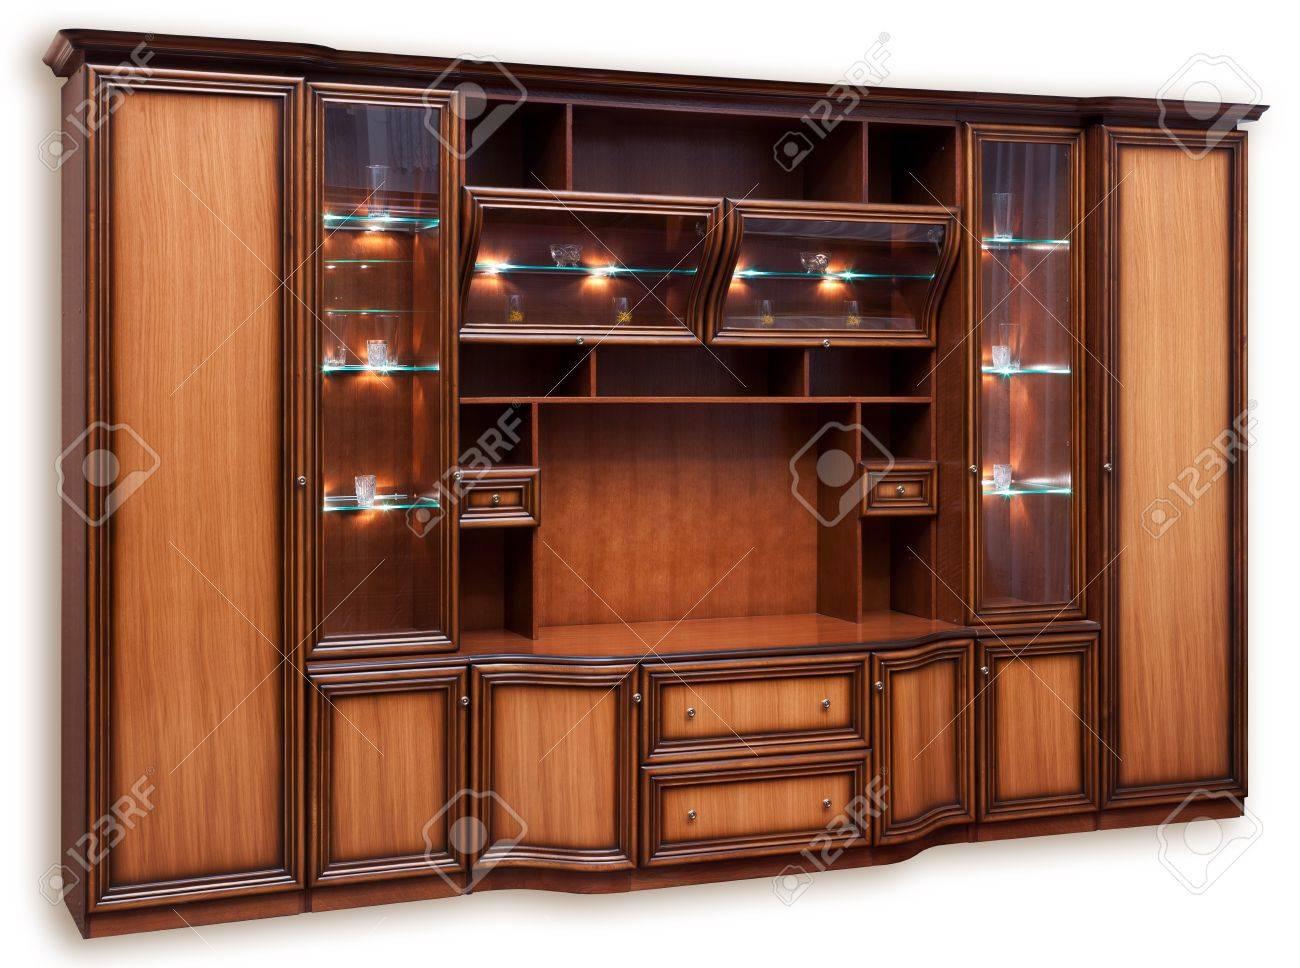 Kast Voor Glazen : Houten kast met glazen deuren. geà ¯ soleerd op wit royalty vrije